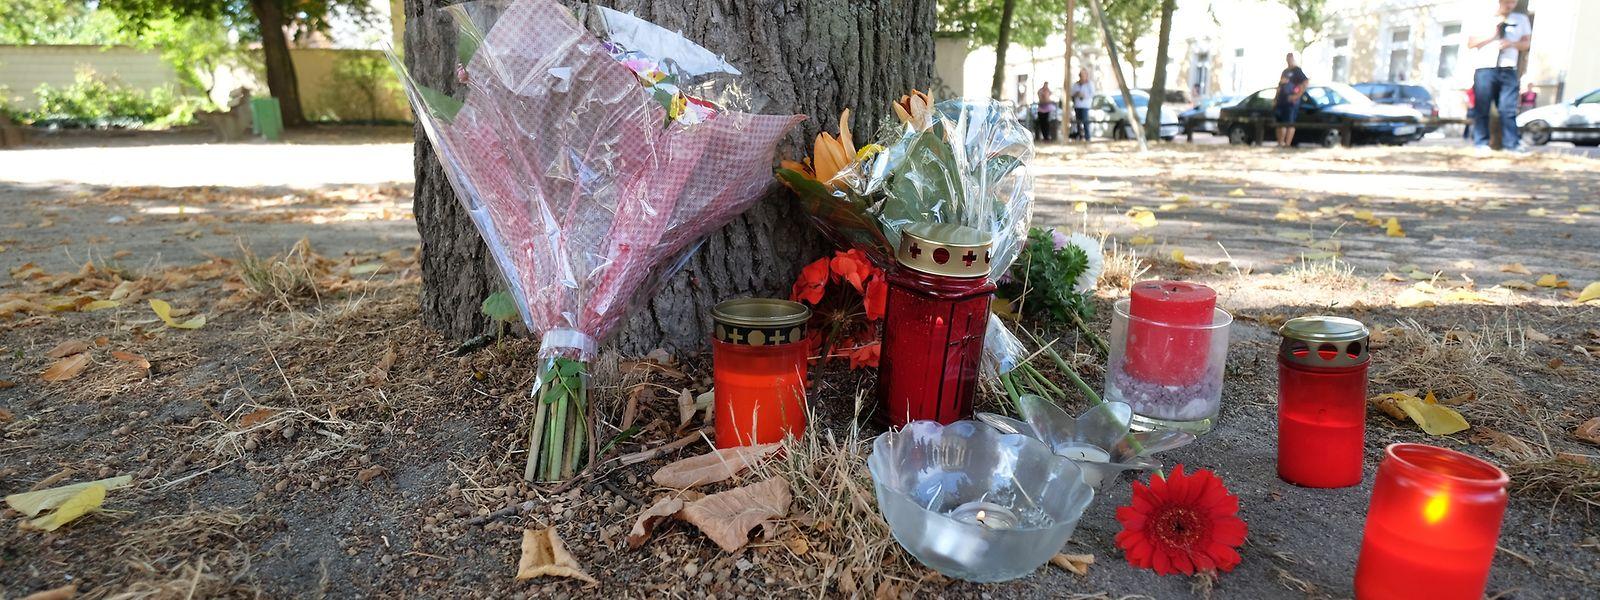 Blumen und Kerzen stehen an einem Baum auf einem Spielplatz. Bei einem Streit zwischen zwei Männergruppen in Köthen ist ein 22-Jähriger ums Leben gekommen.